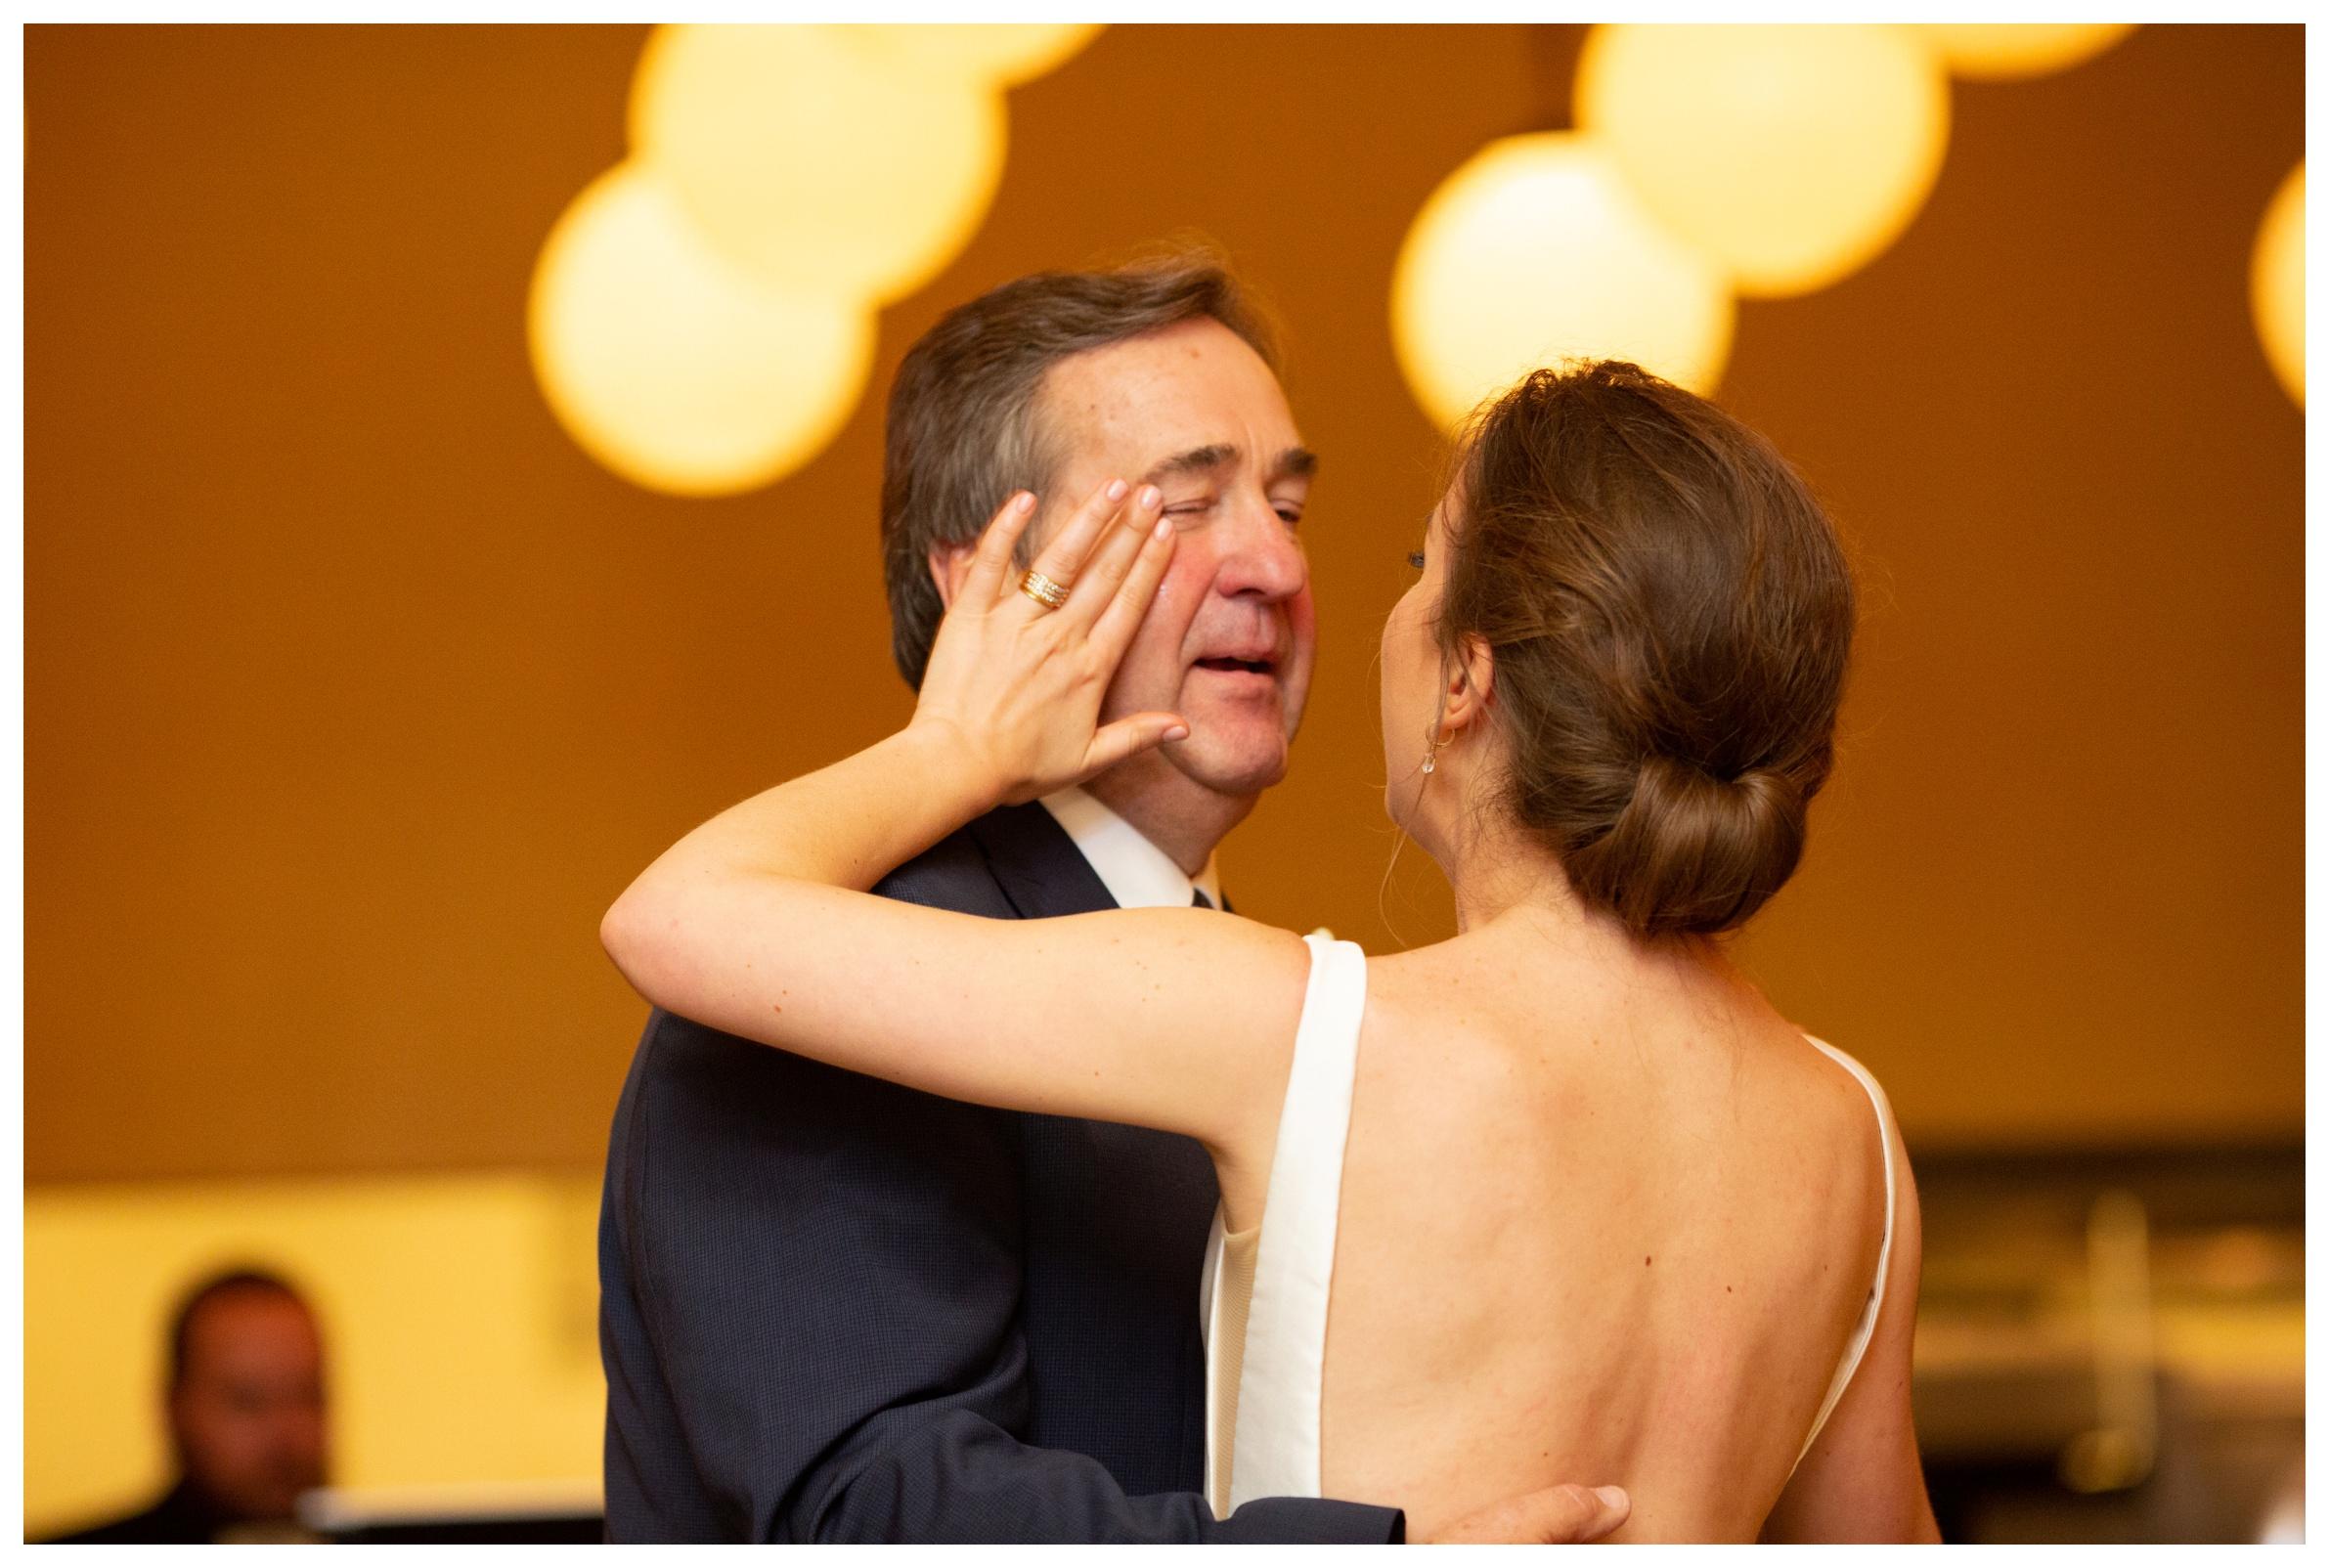 publican-wedding_0051.jpg